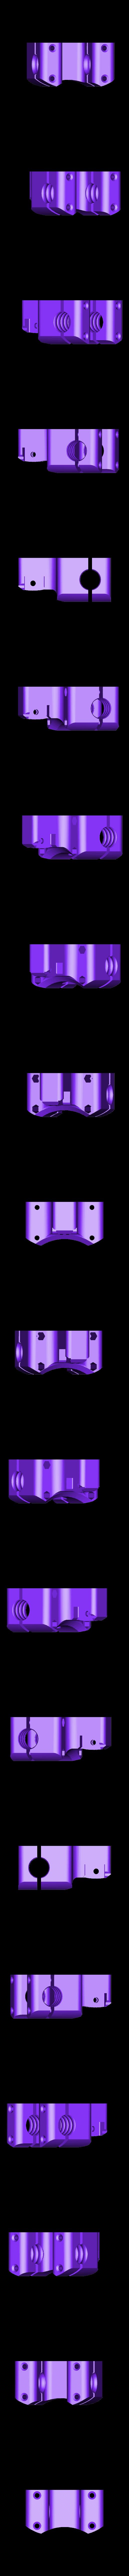 Mount_comb.STL Download free STL file Zebralight H600w Mk II helmet Gopro mount / bracket • 3D printable model, Cerragh